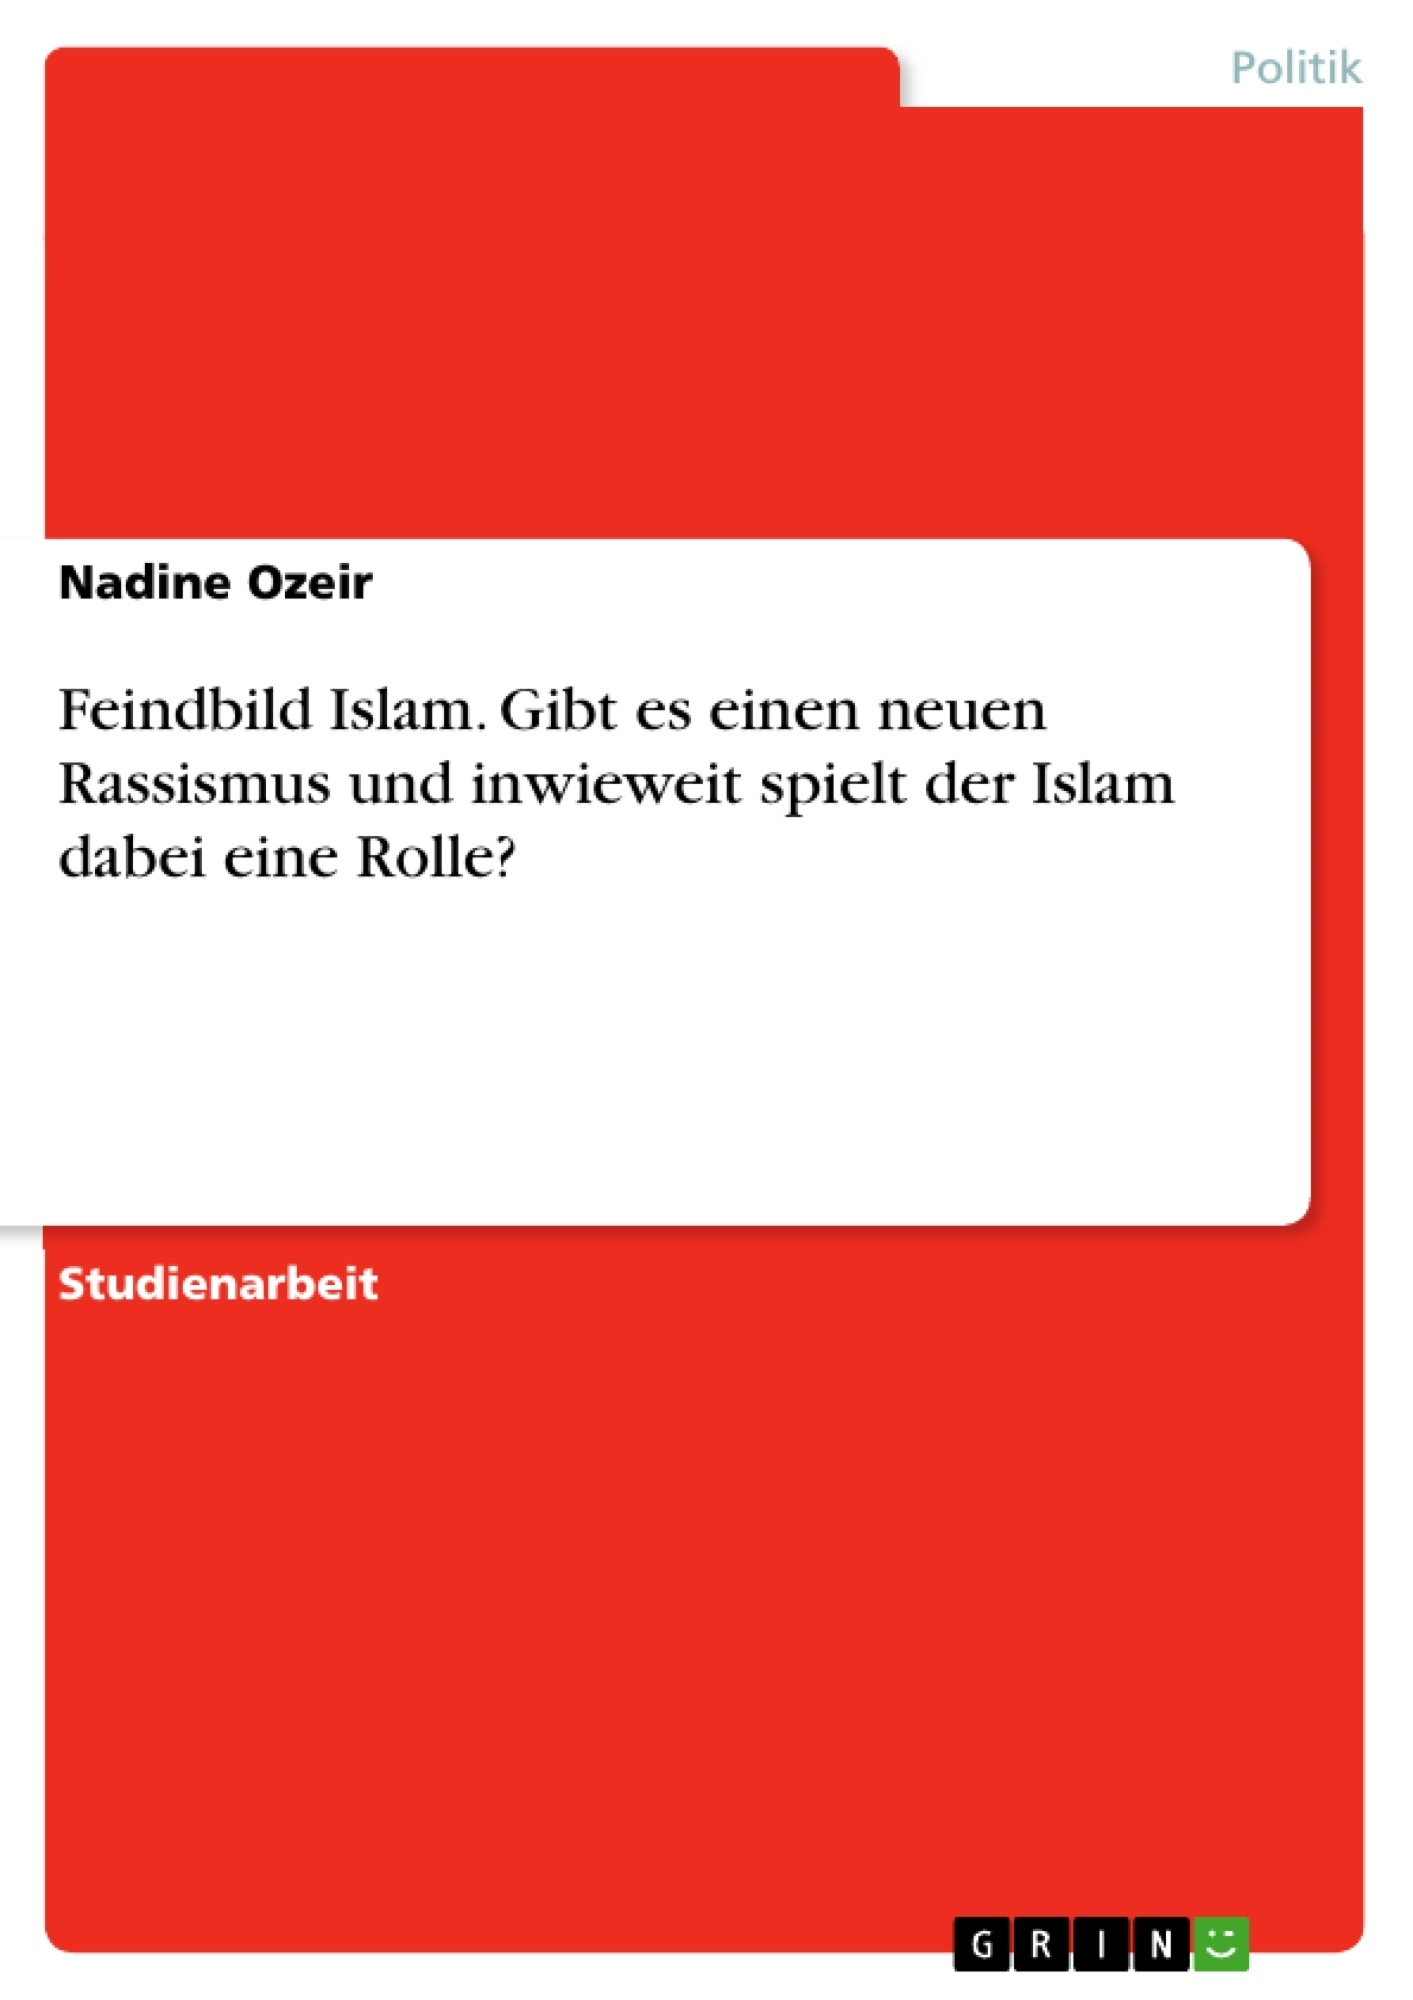 Titel: Feindbild Islam. Gibt es einen neuen Rassismus und inwieweit spielt der Islam dabei eine Rolle?